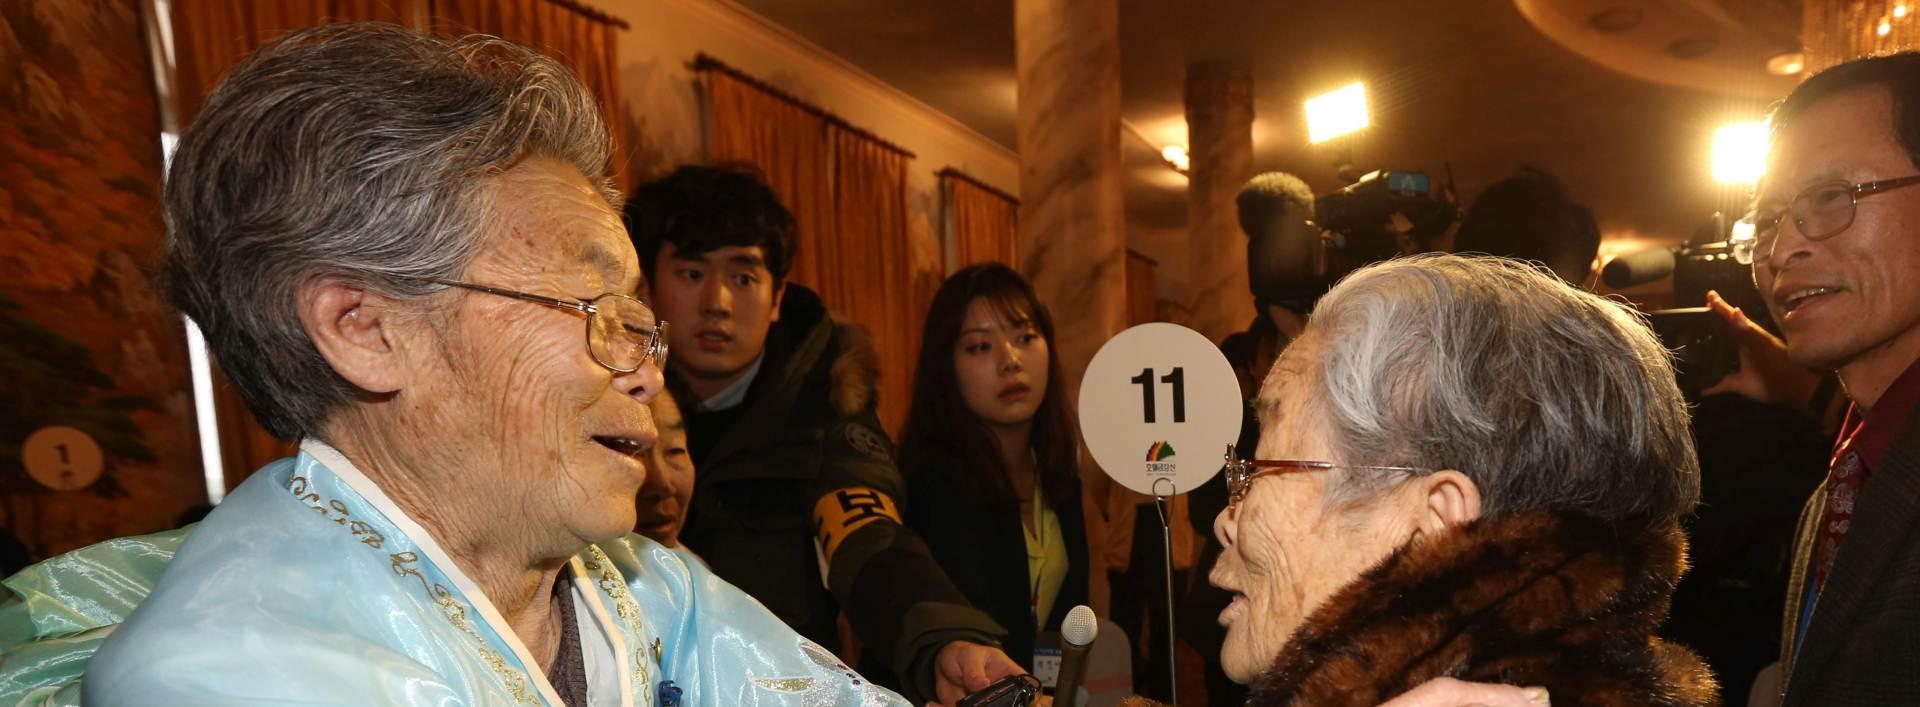 KORAK NAPRIJED: Sjeverna i Južna Koreja dogovorile održavanje susreta članova razdvojenih obitelji